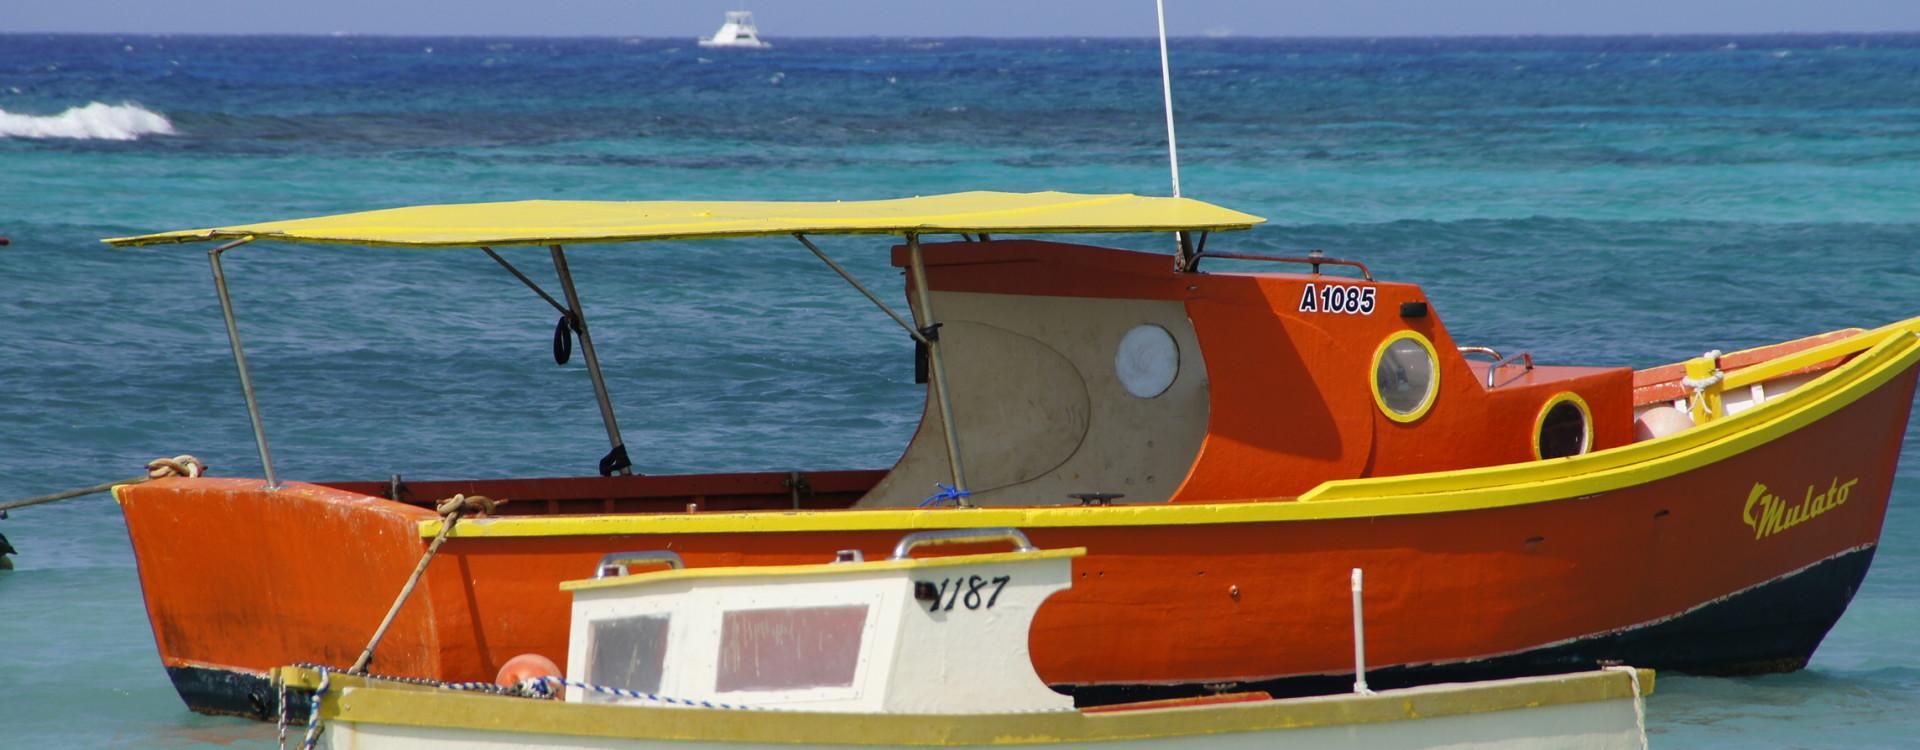 Colorful Aruba